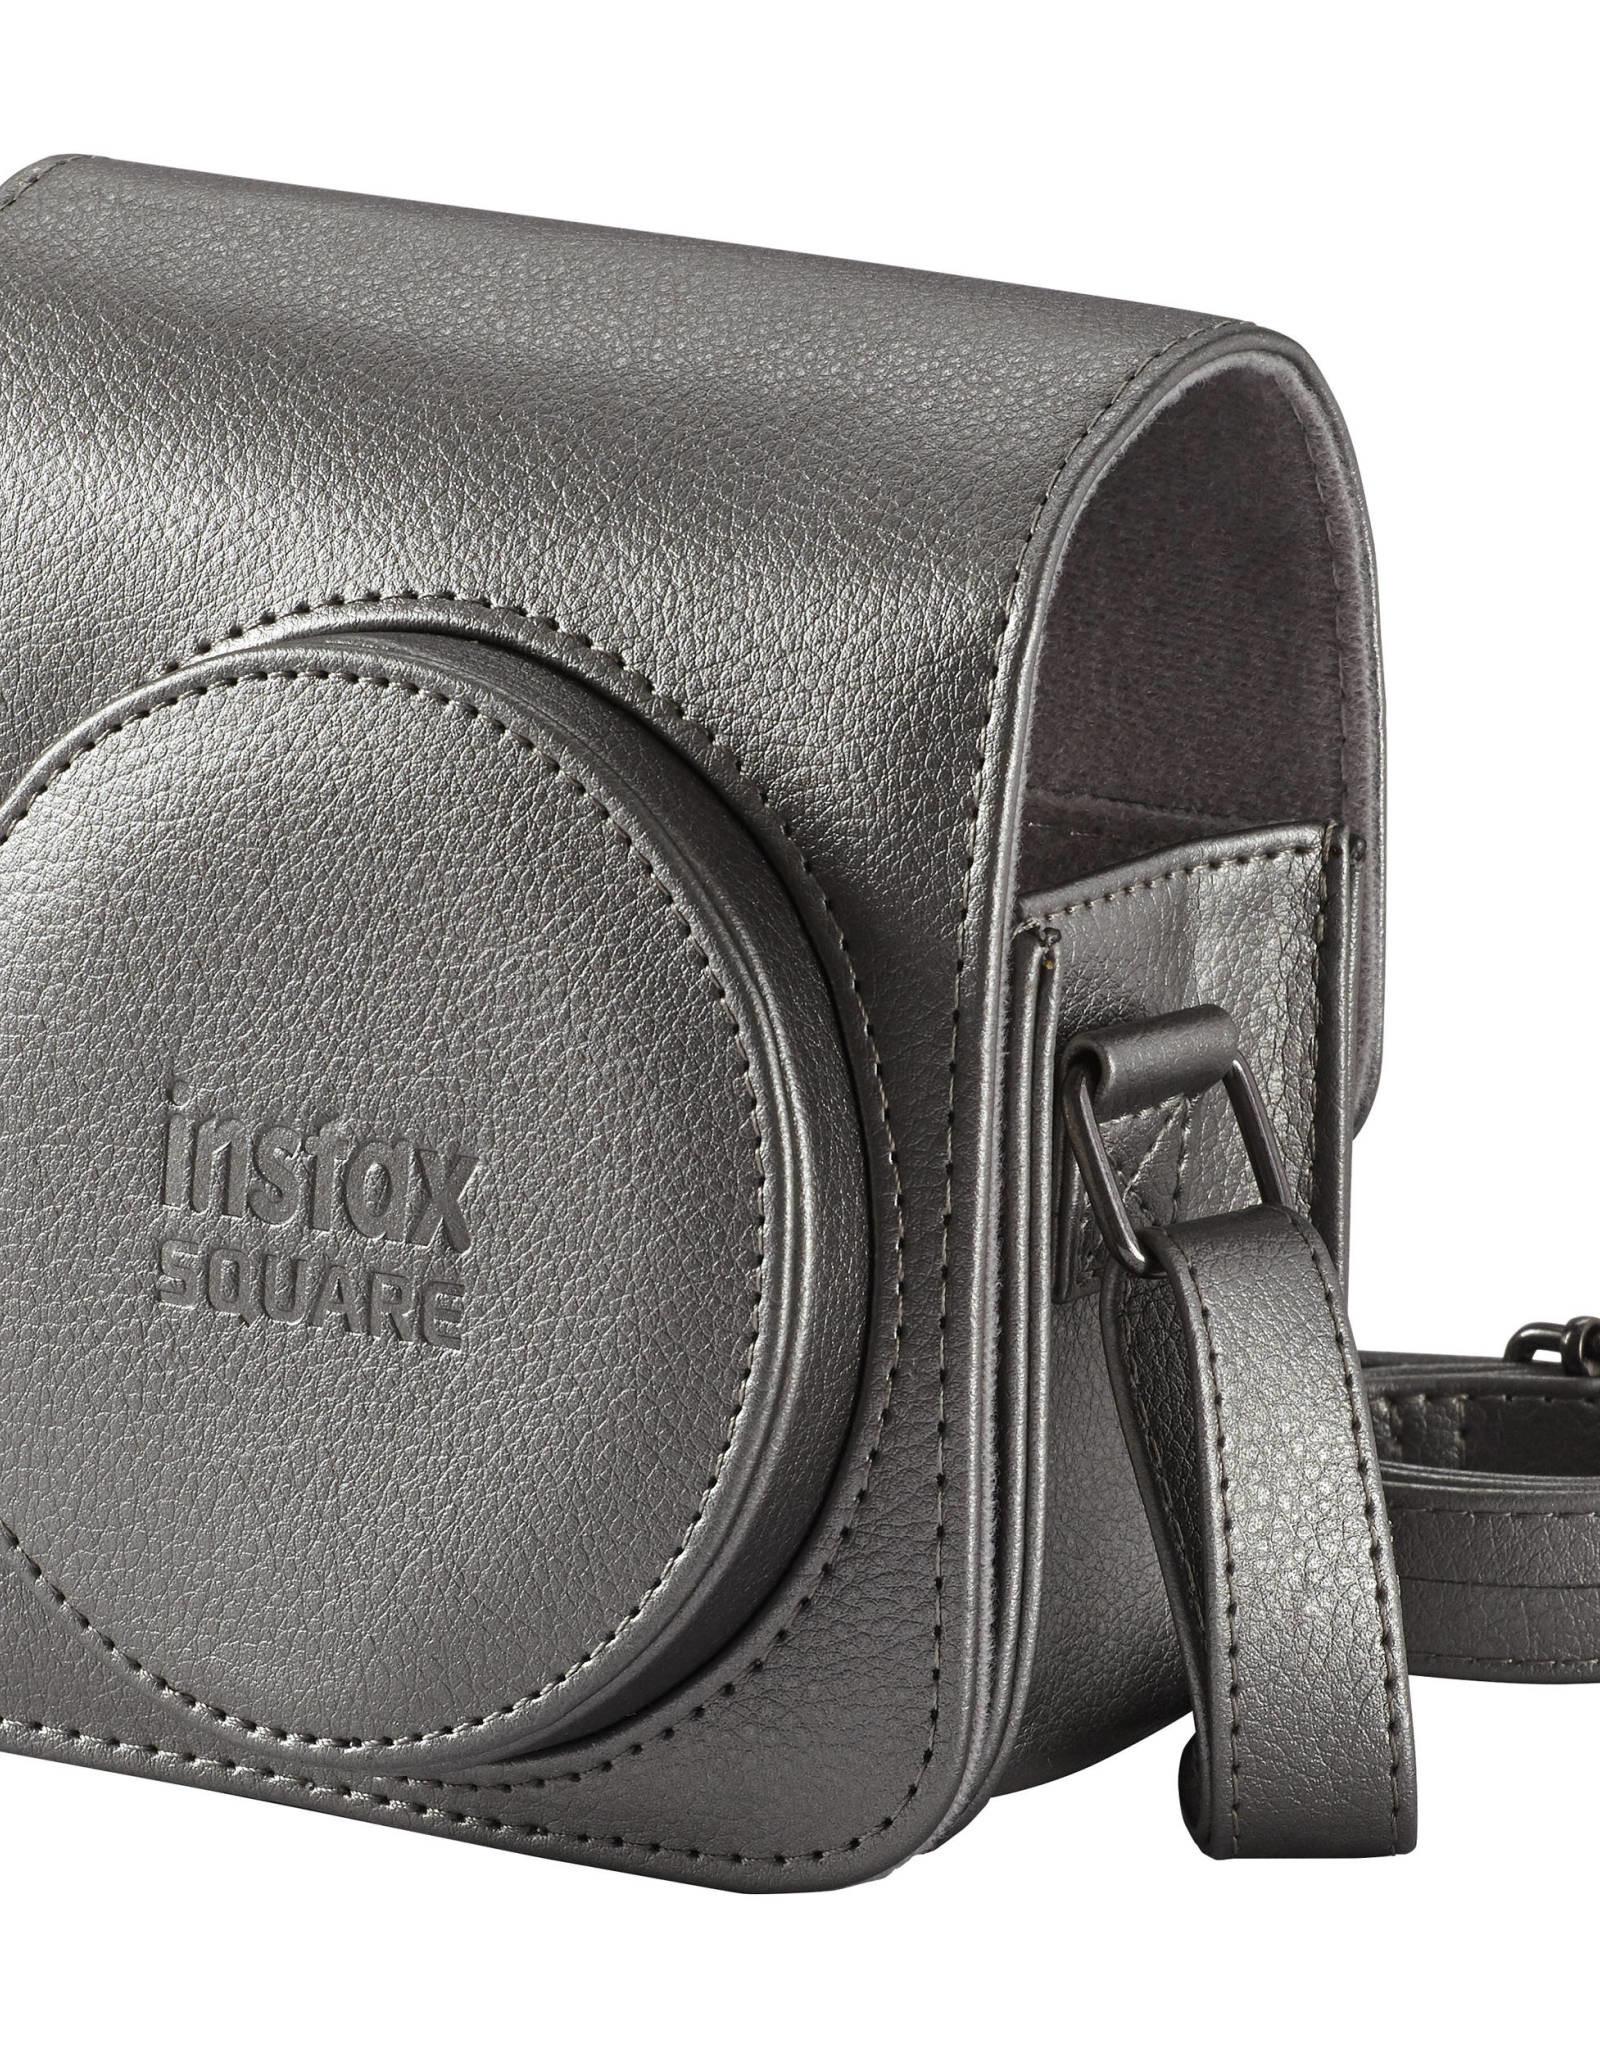 Instax Fujifilm | Instax SQUARE SQ6 Case - Graphite Grey